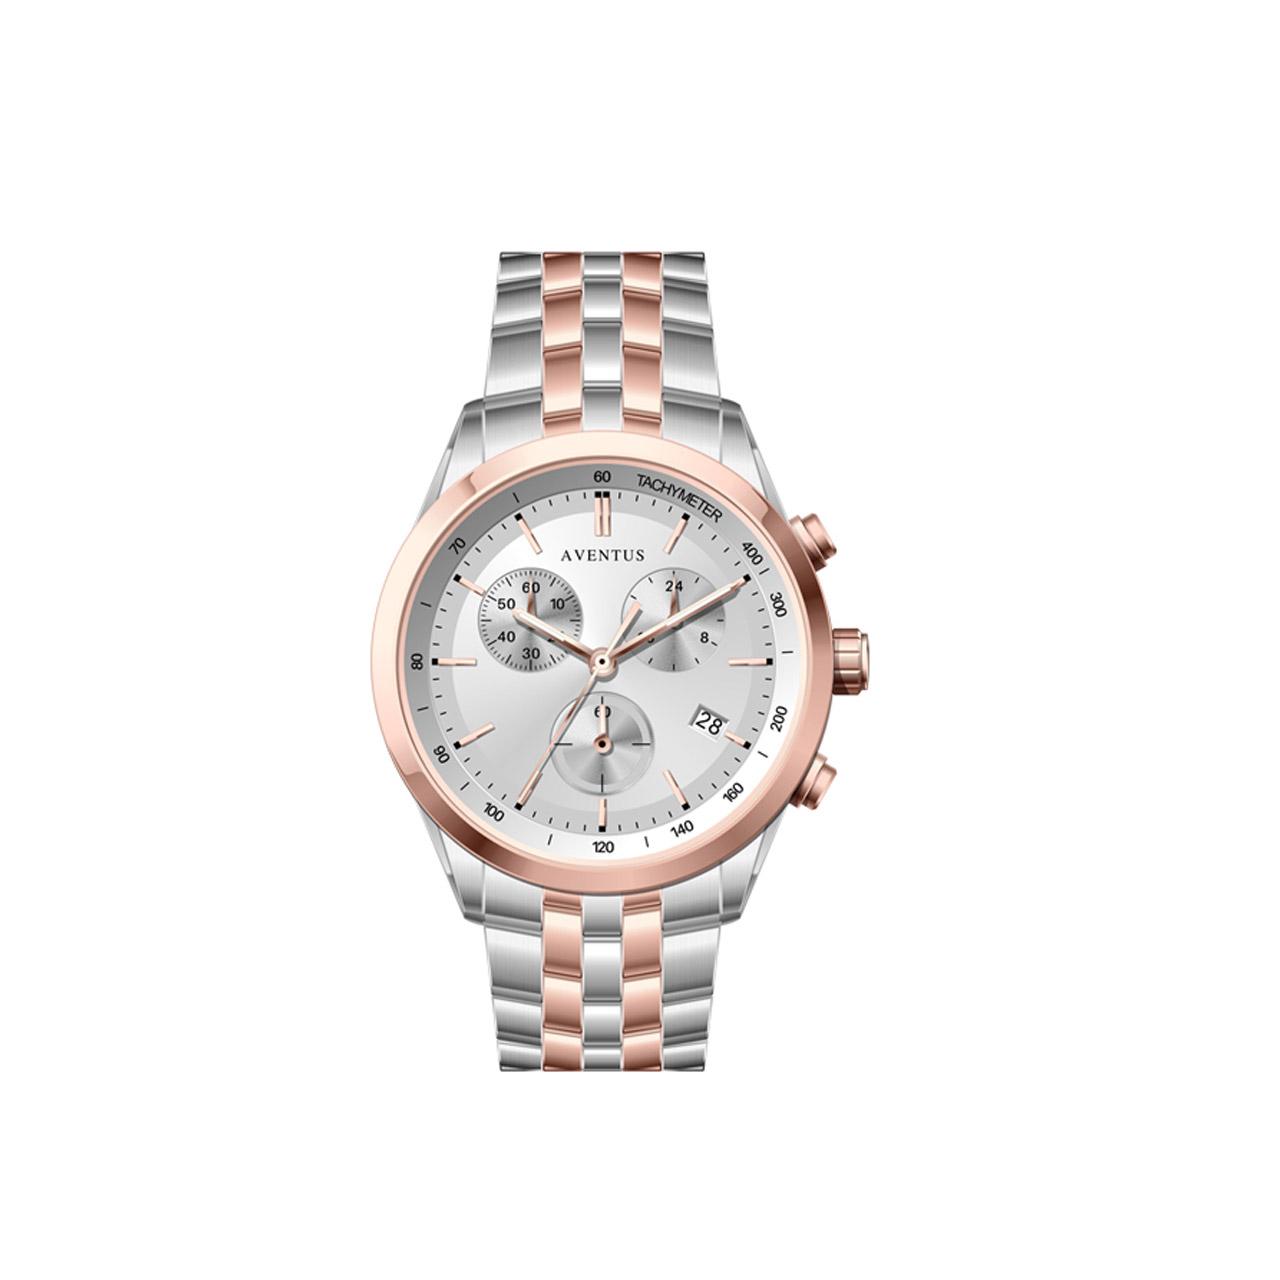 ساعت مچی عقربه ای زنانه اونتوس مدل 1351-6LWH 4